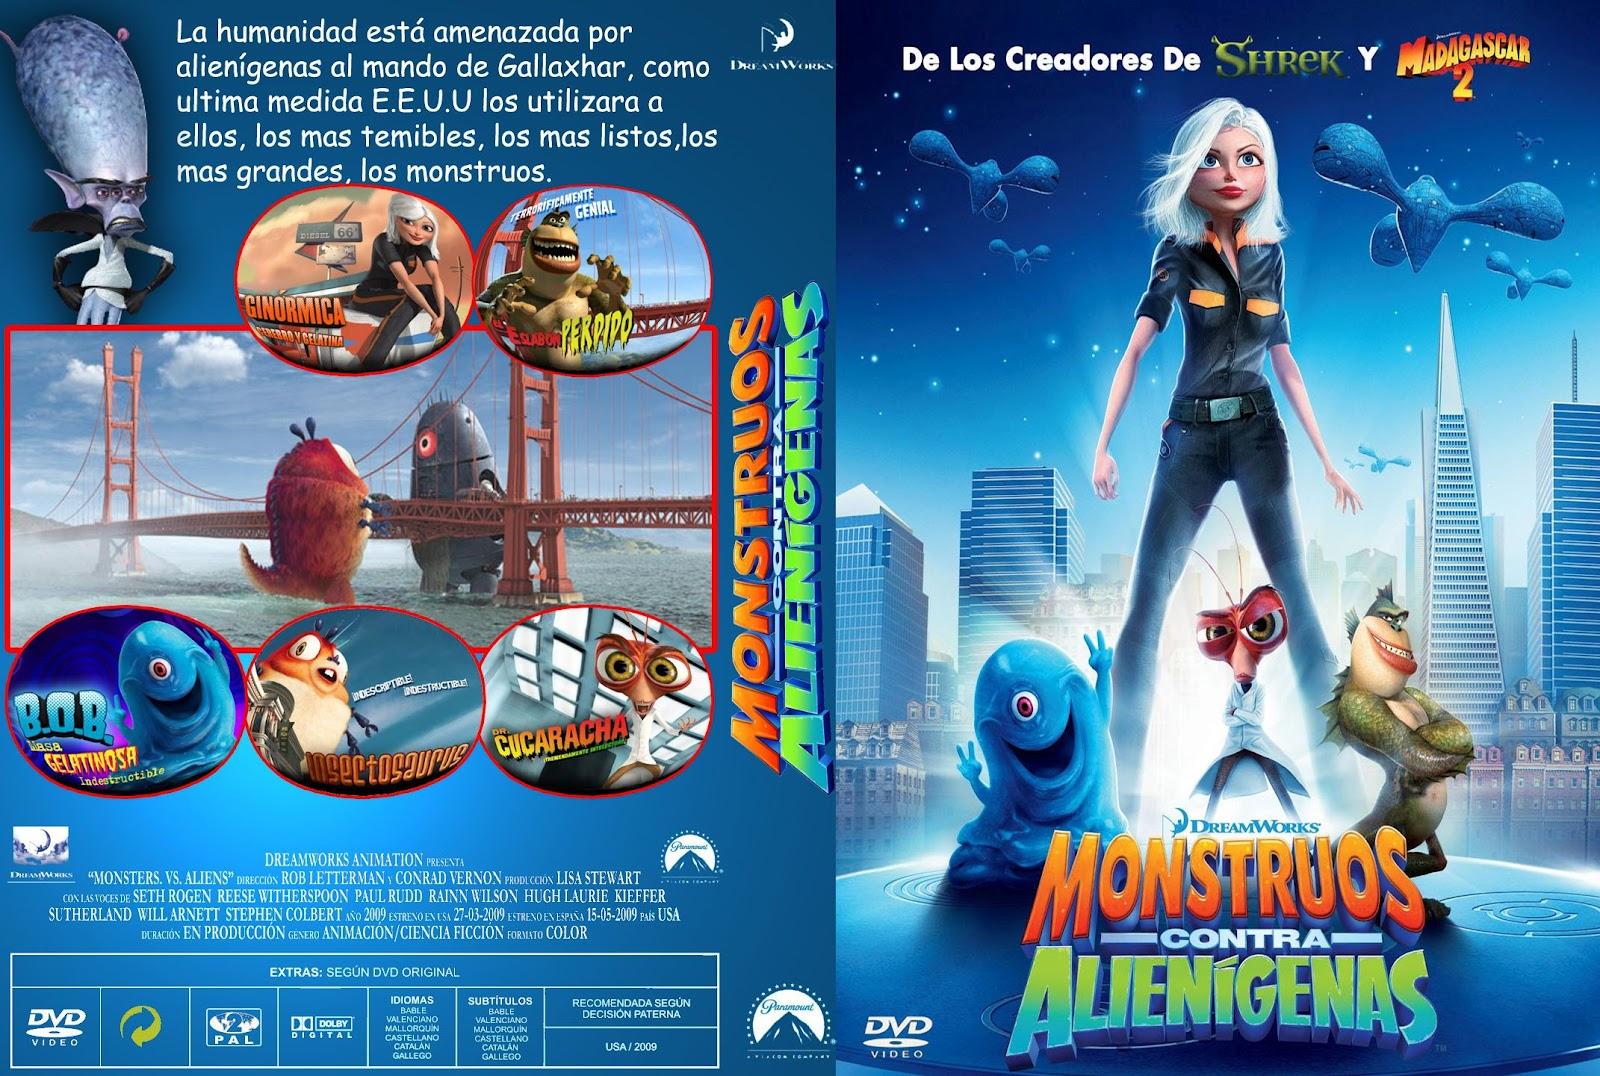 the girl from monster vs aliens naked